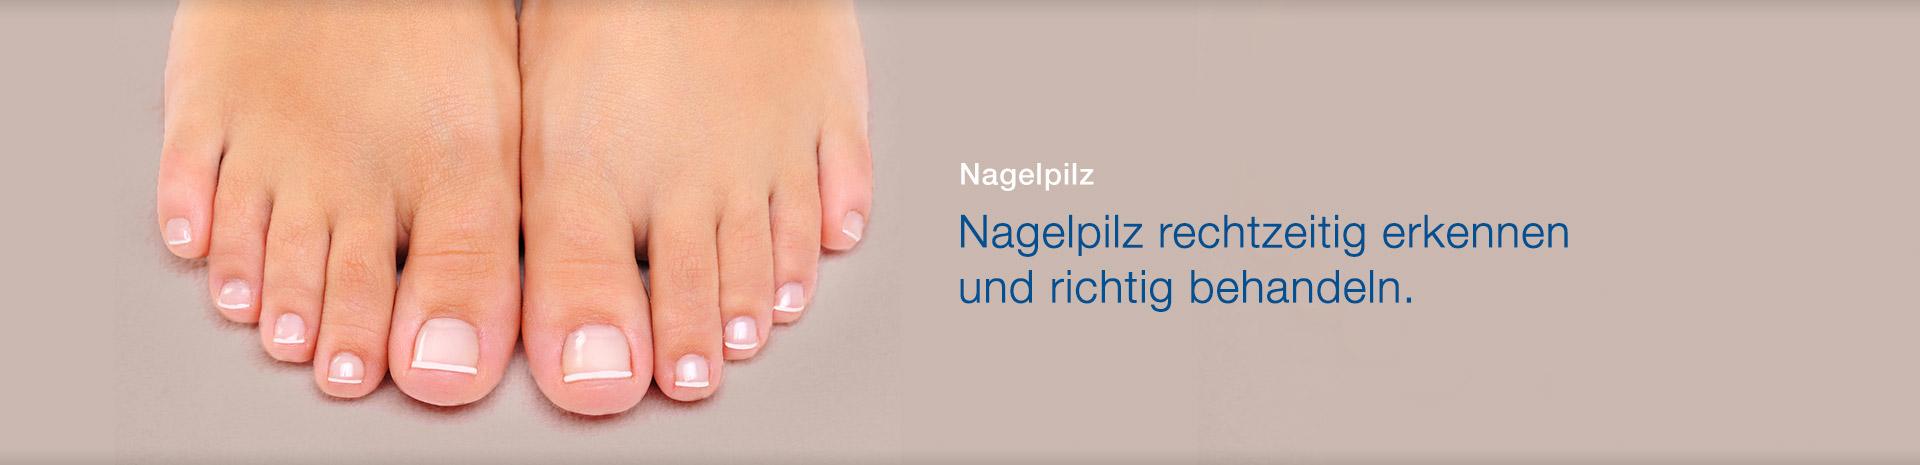 Behandeln schnell nagelpilz Nagelpilz erkennen